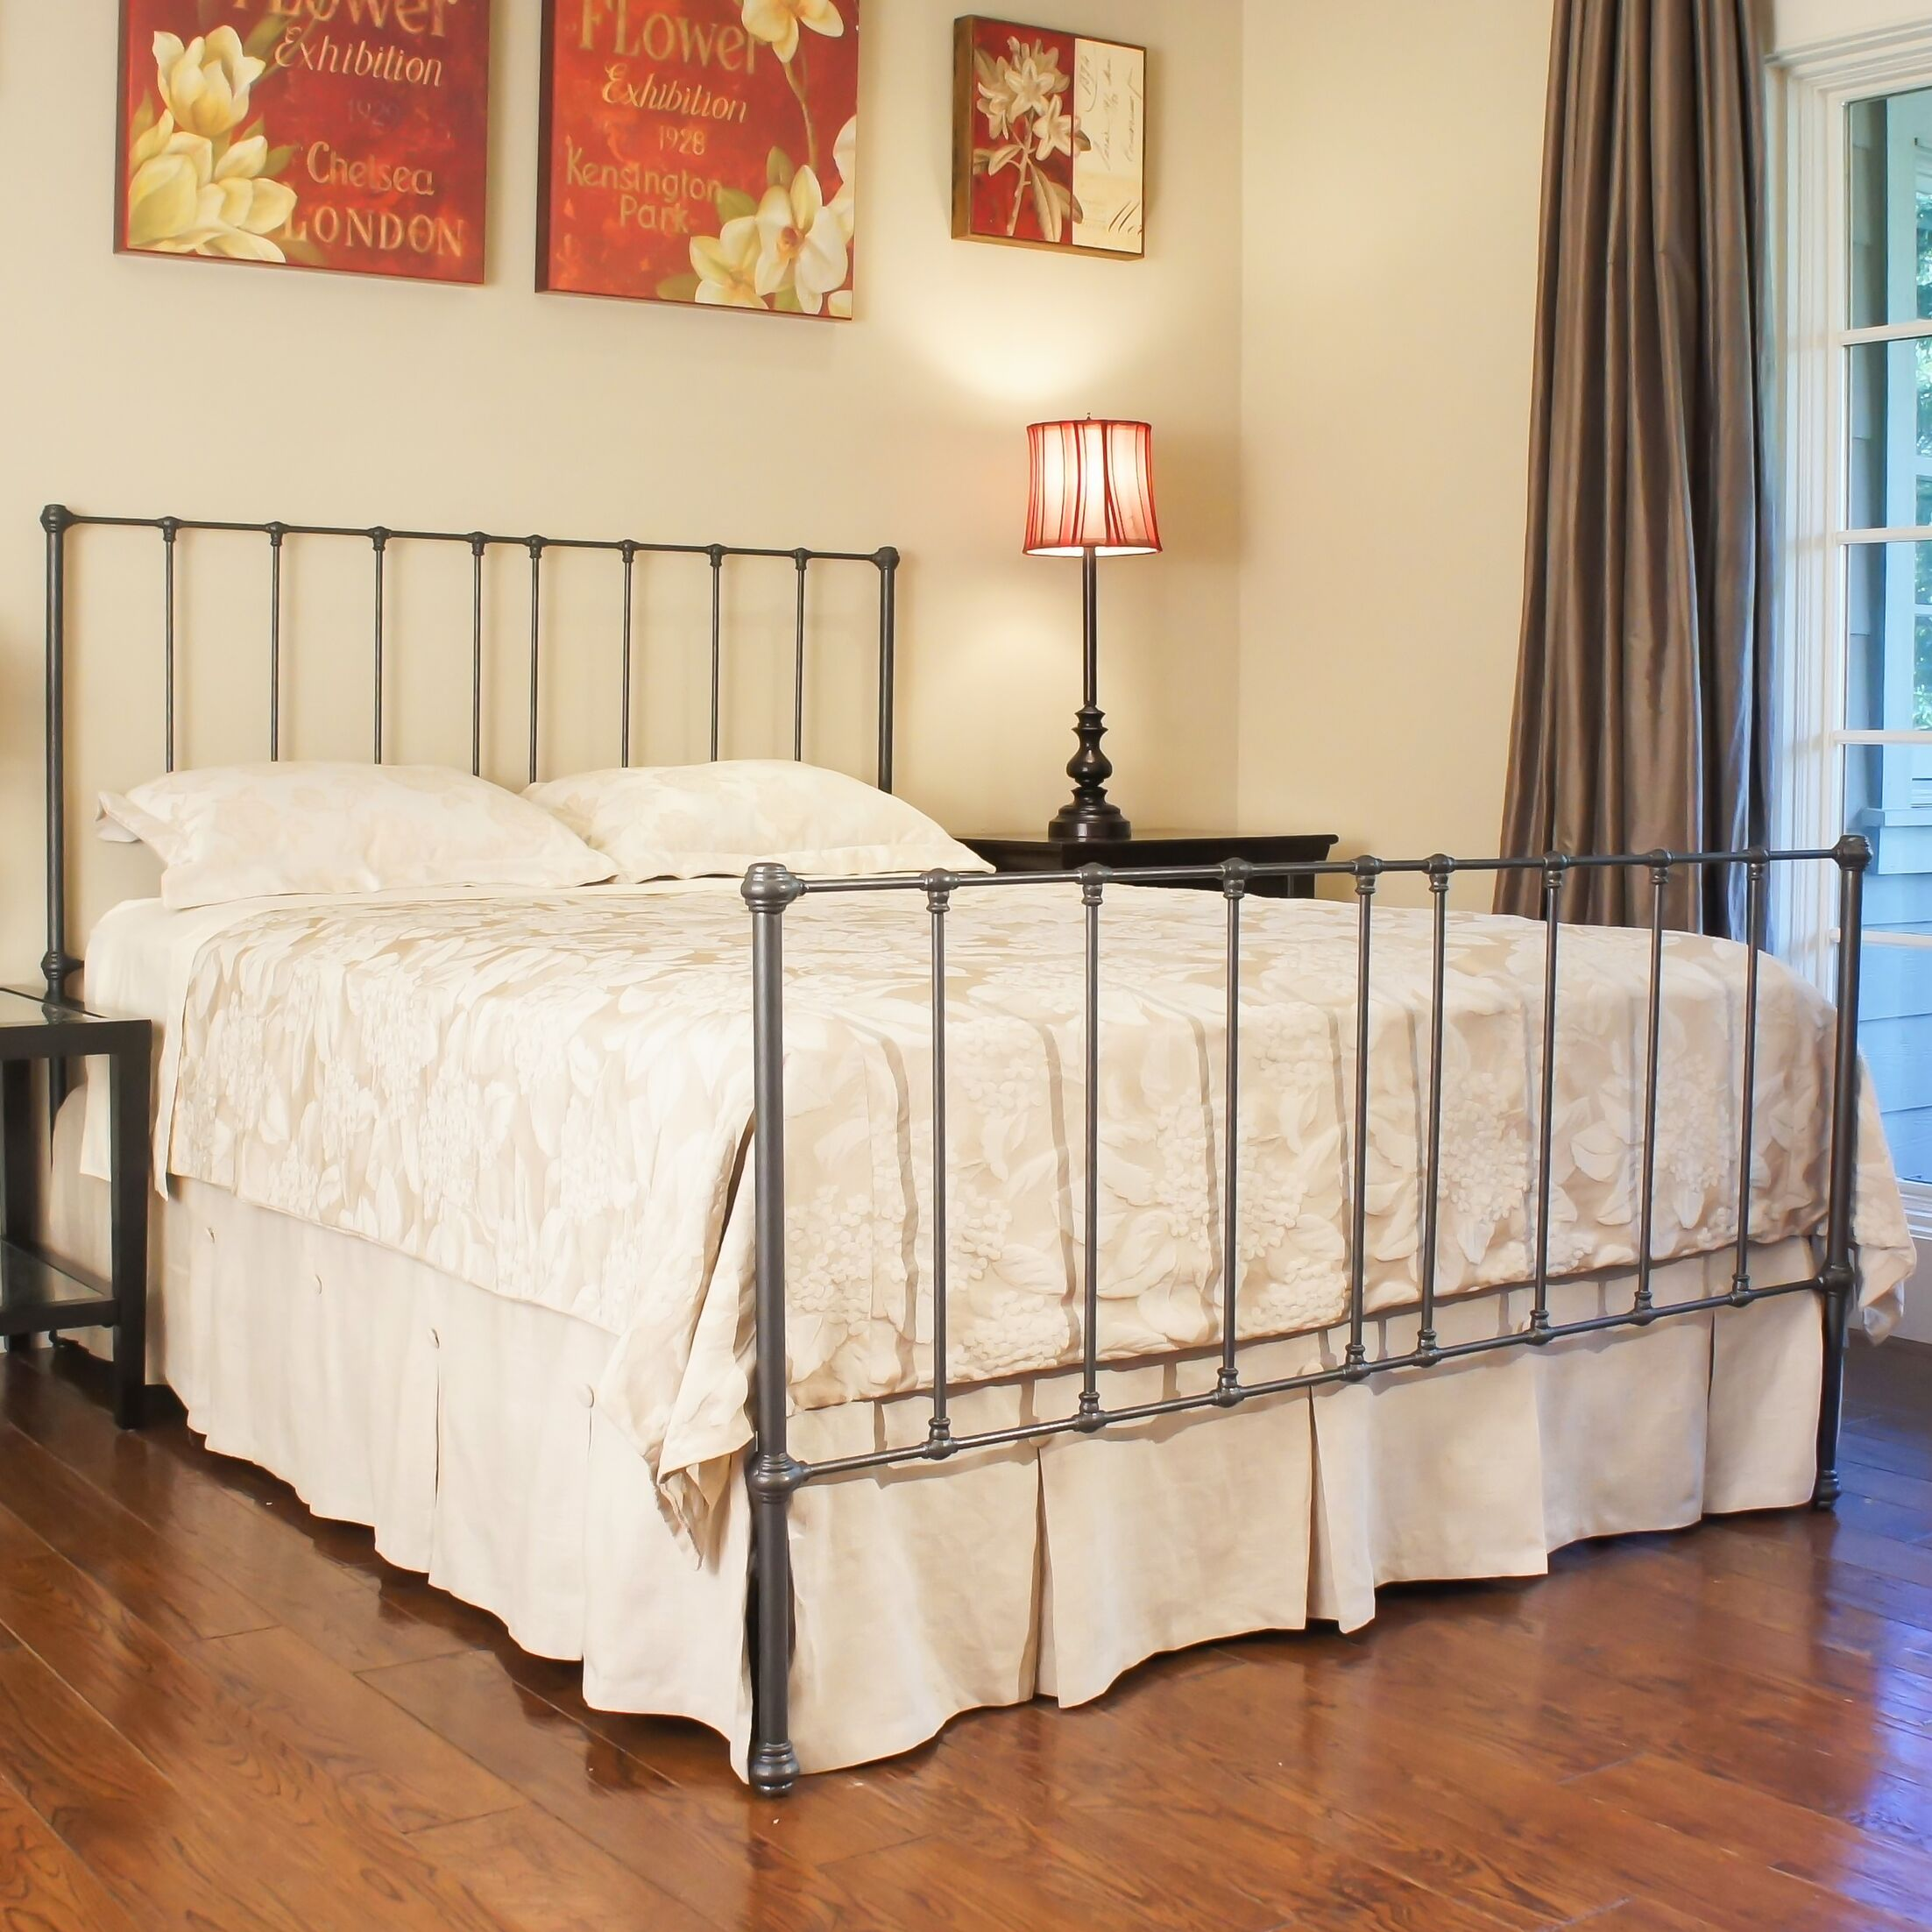 Edmonton Panel Bed Size: Queen